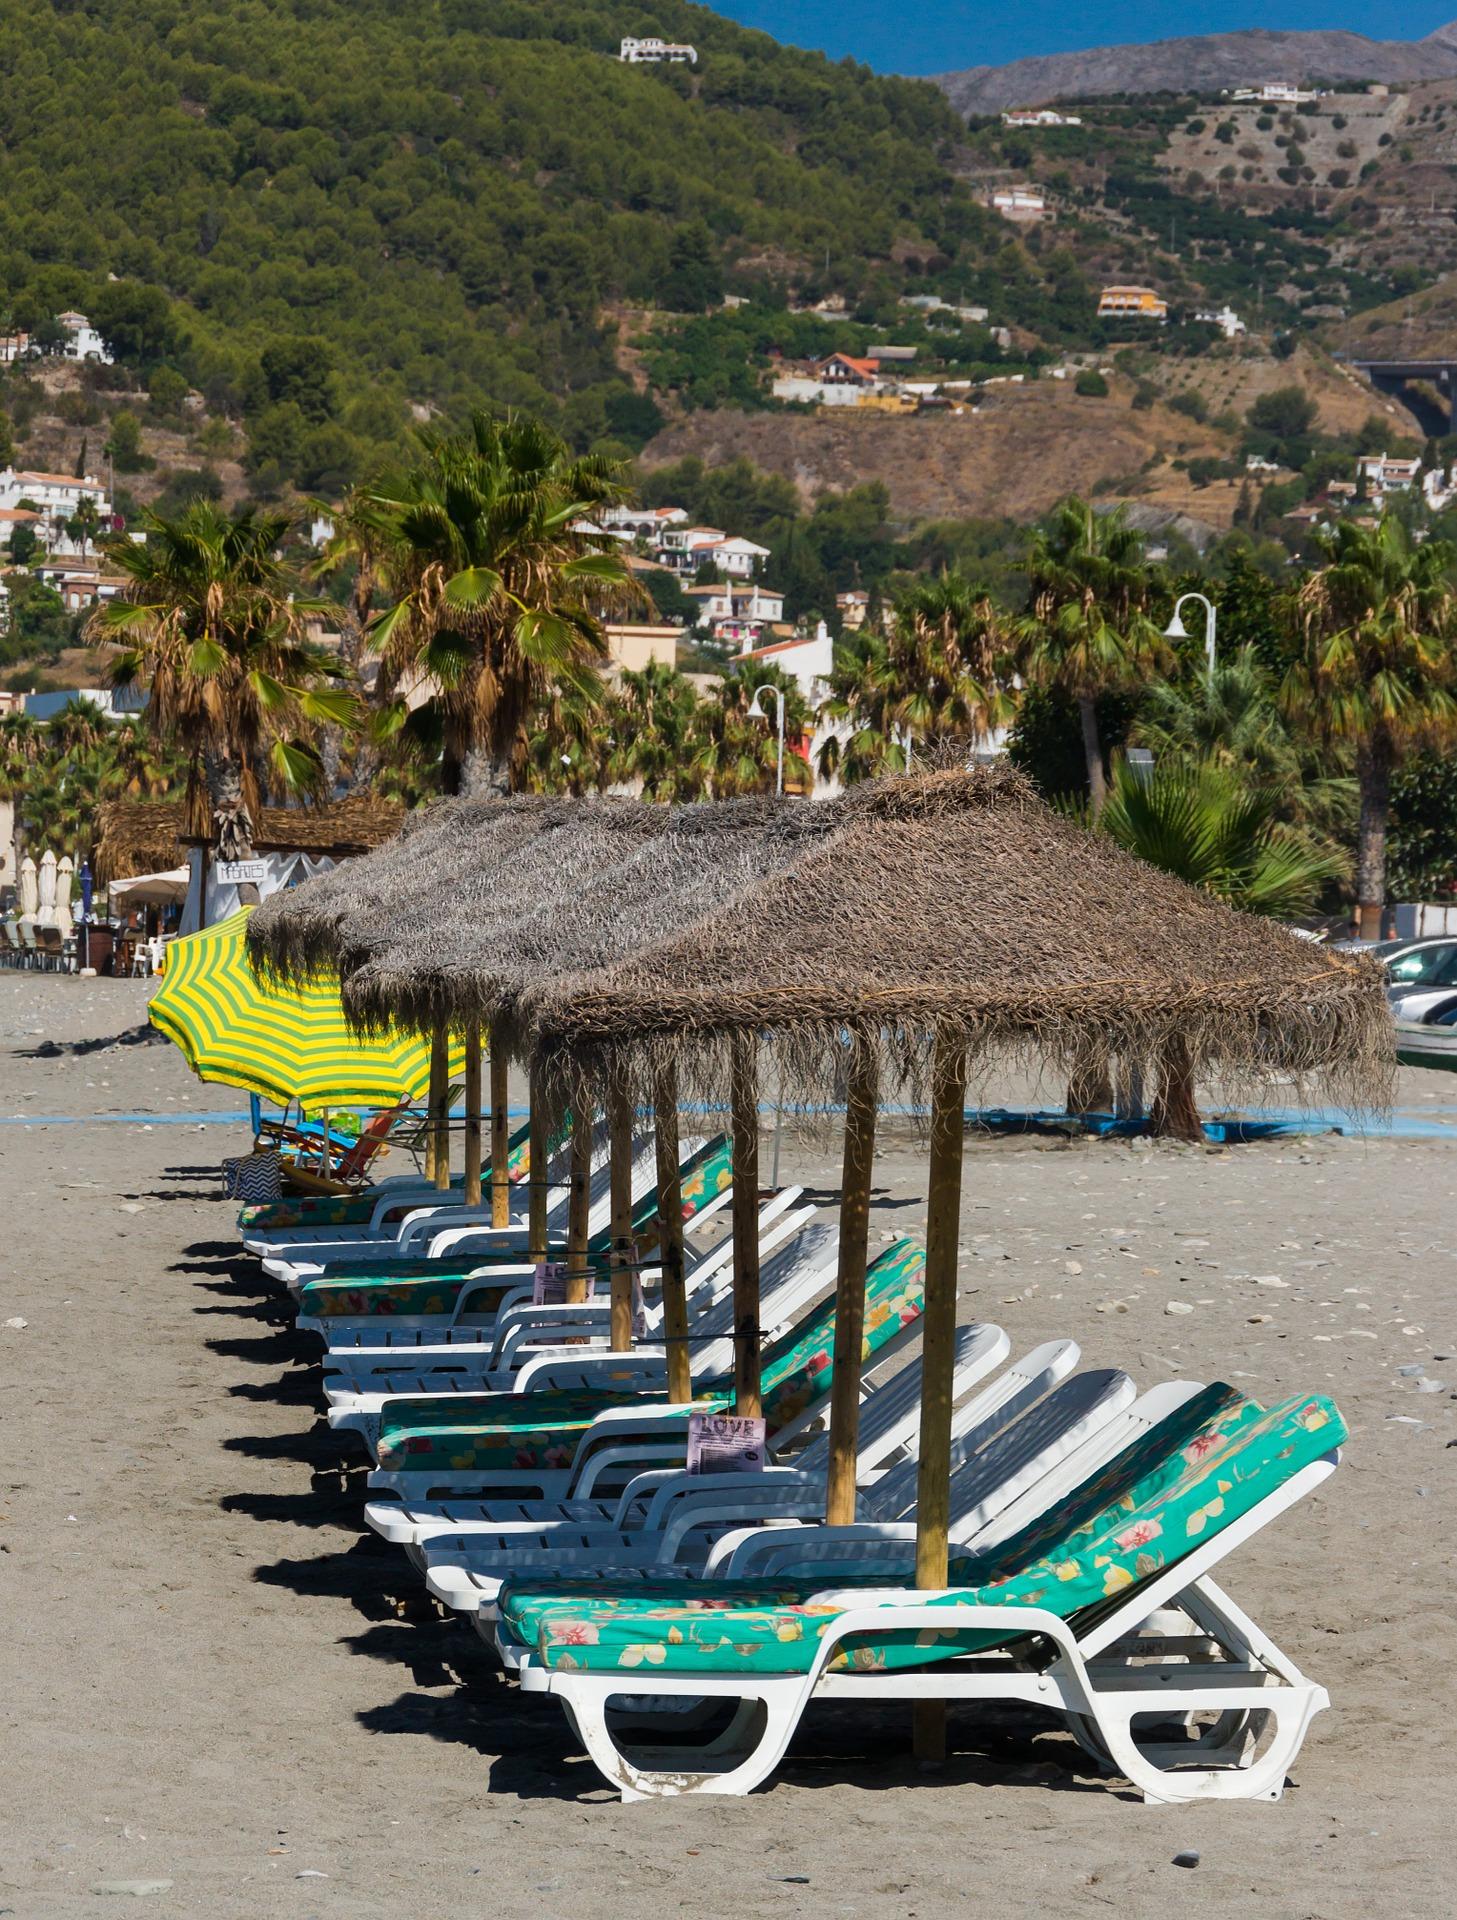 Beach Furniture, Beach, Furniture, Lye, Place, HQ Photo